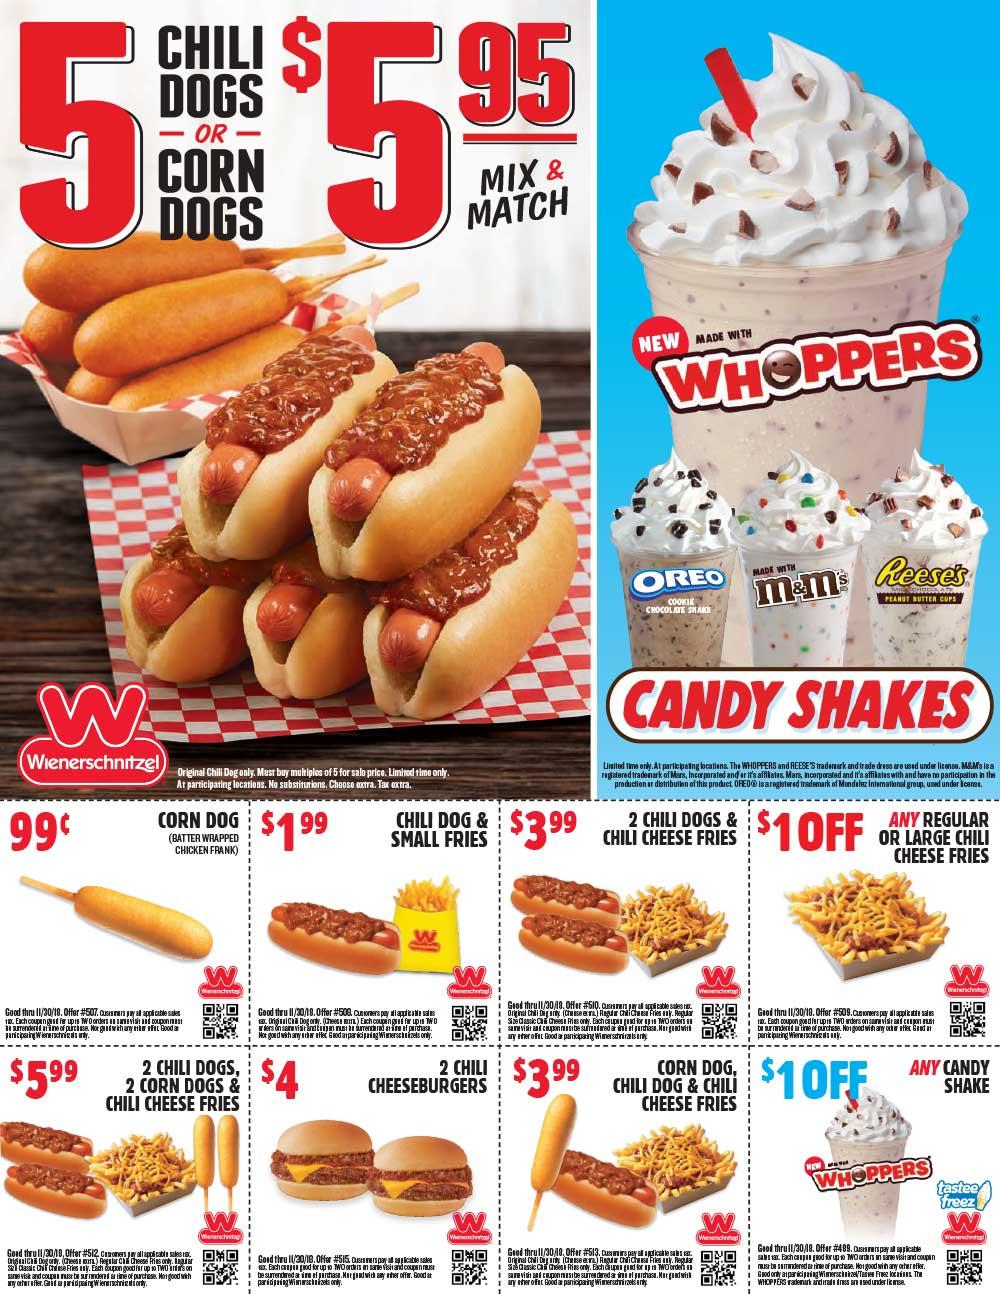 Wienerschnitzel coupons & promo code for [August 2020]